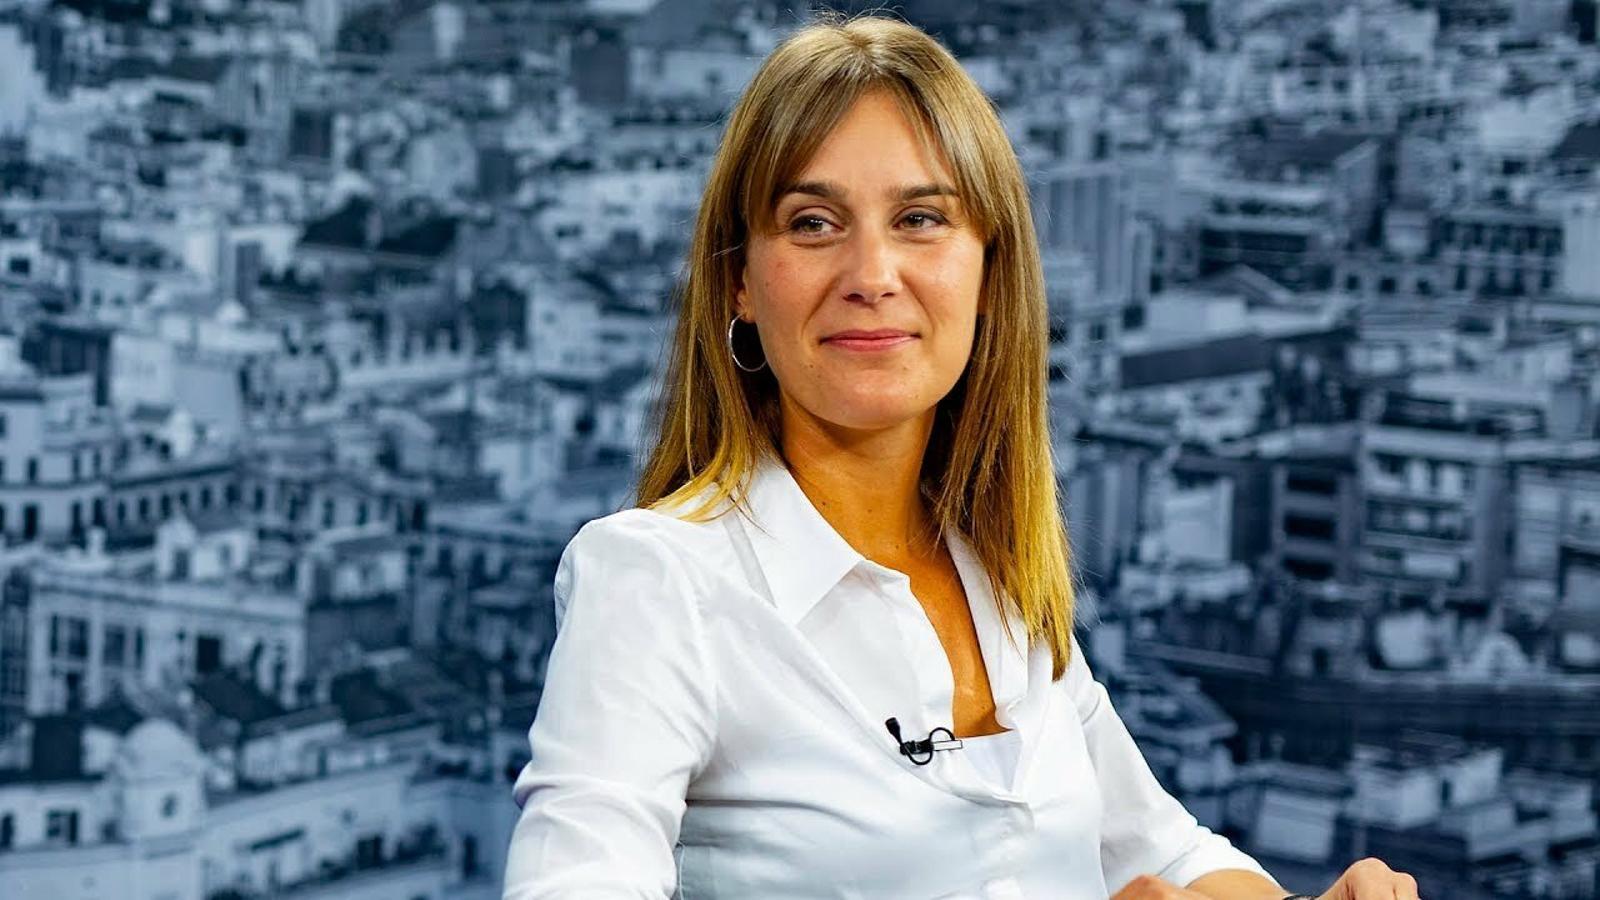 """Albiach: """"Malgrat els pressupostos tirin endavant, si el Govern és inoperant, haurà de plegar"""""""